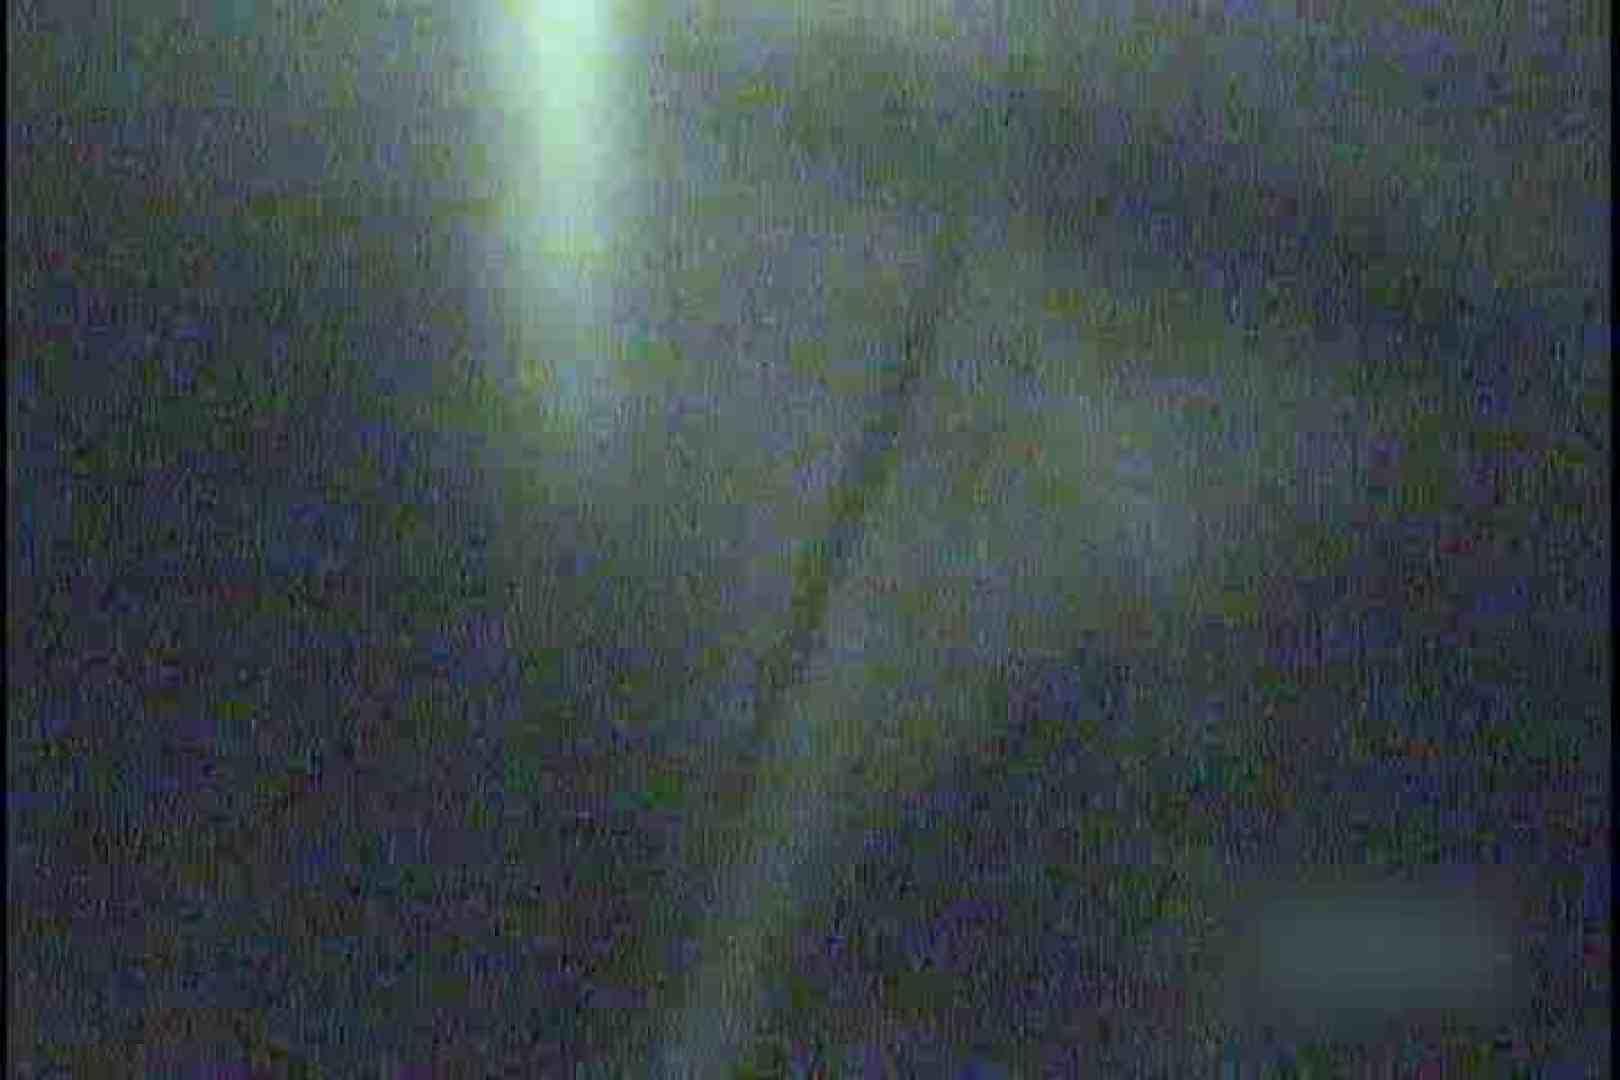 私鉄沿線美女限定パンティー丸覗き!!vol.01 覗き スケベ動画紹介 88PIX 35